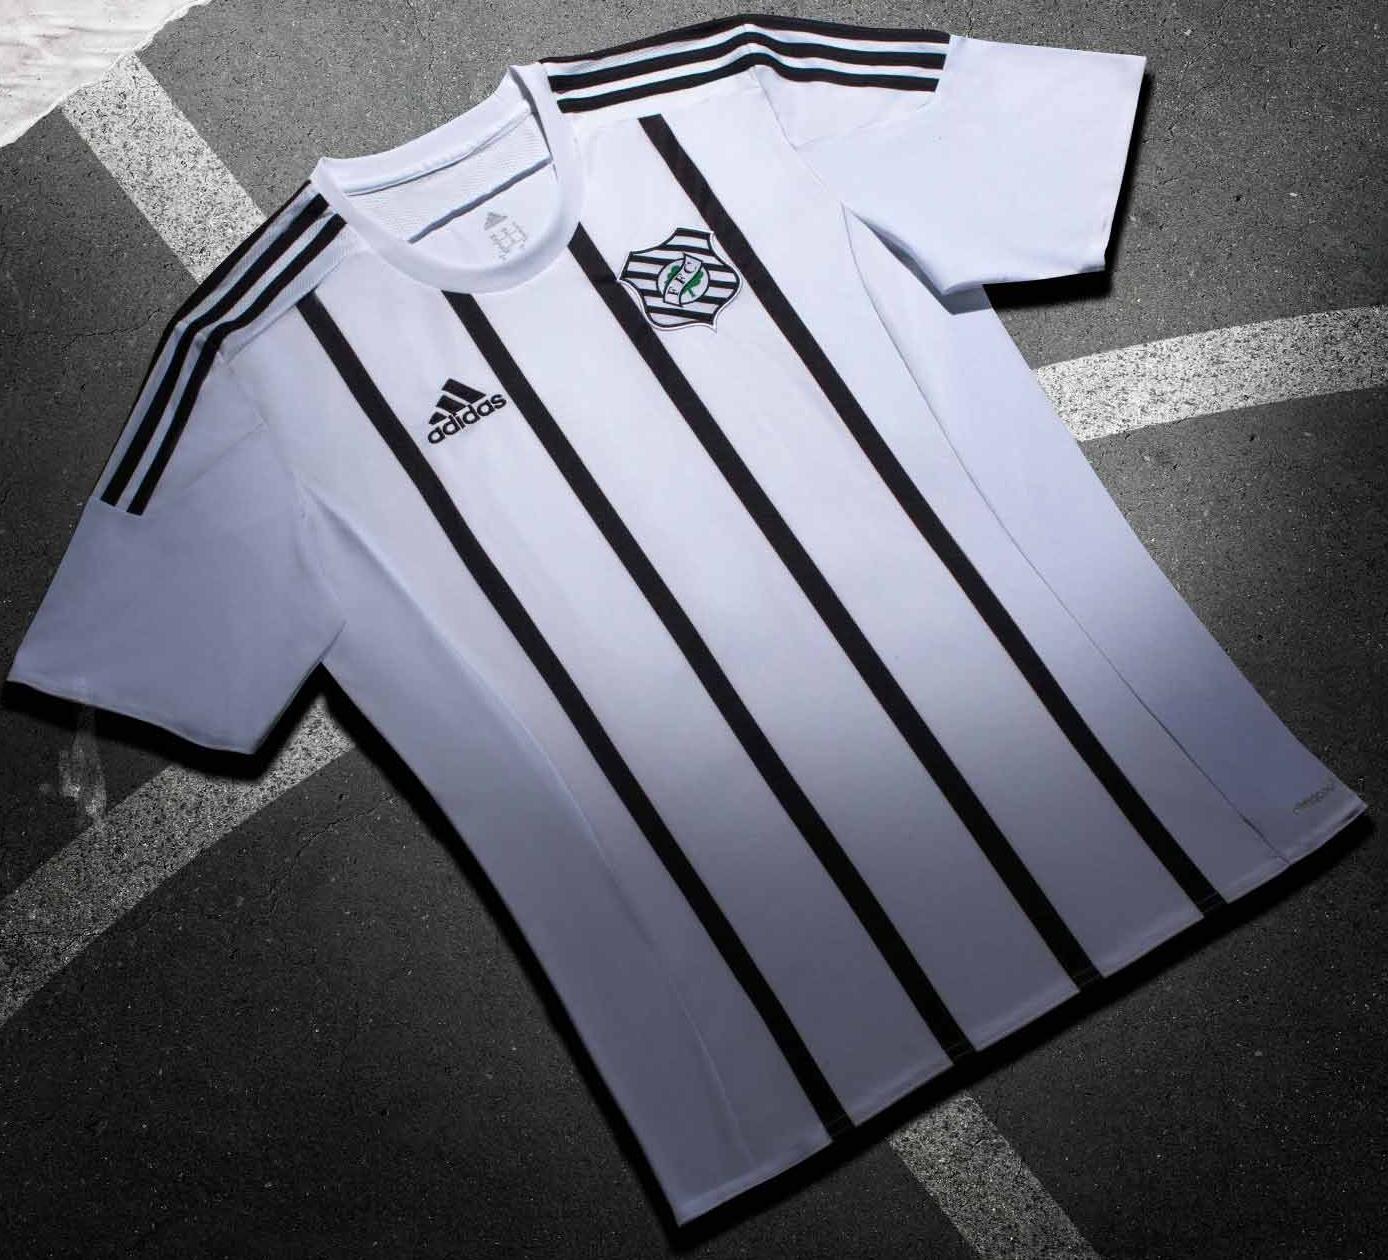 e4138c1cc5520 Adidas divulga a nova camisa reserva do Figueirense - Show de Camisas